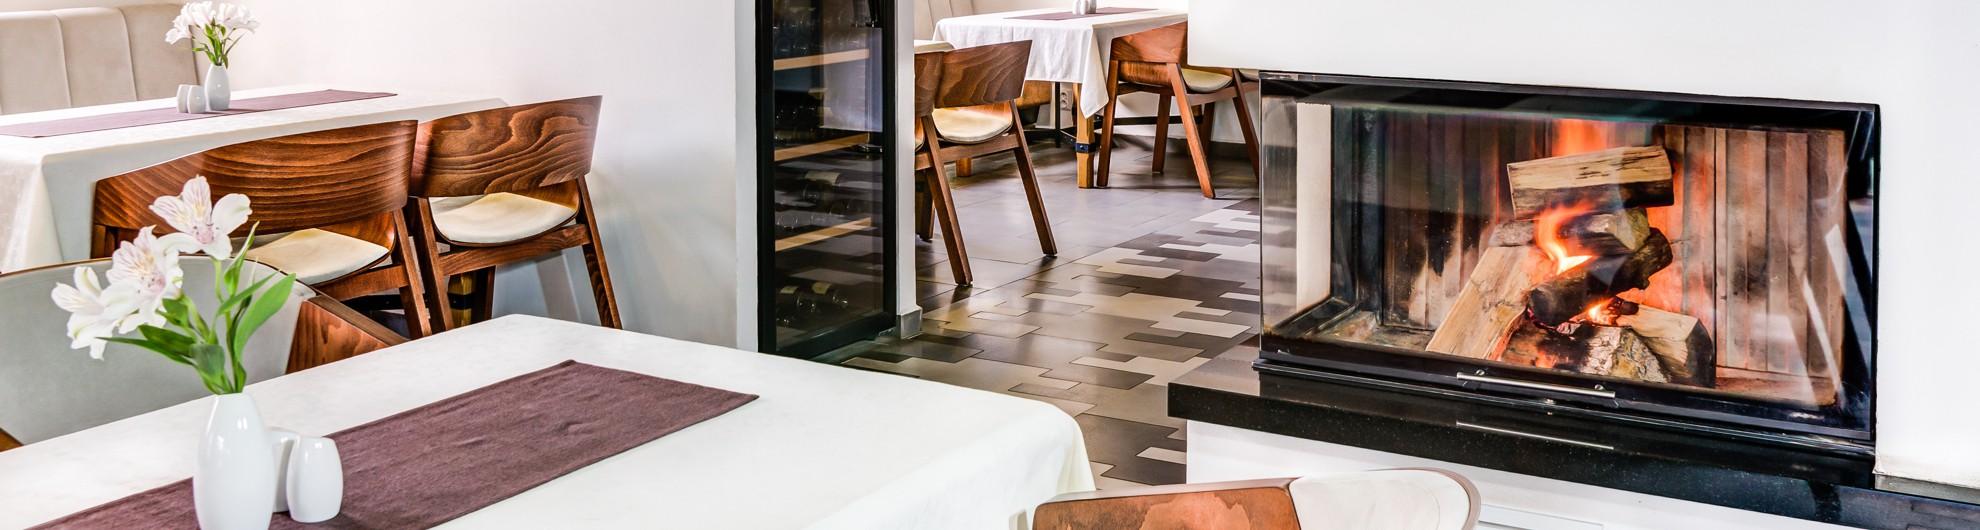 Restaurant Jan Maria